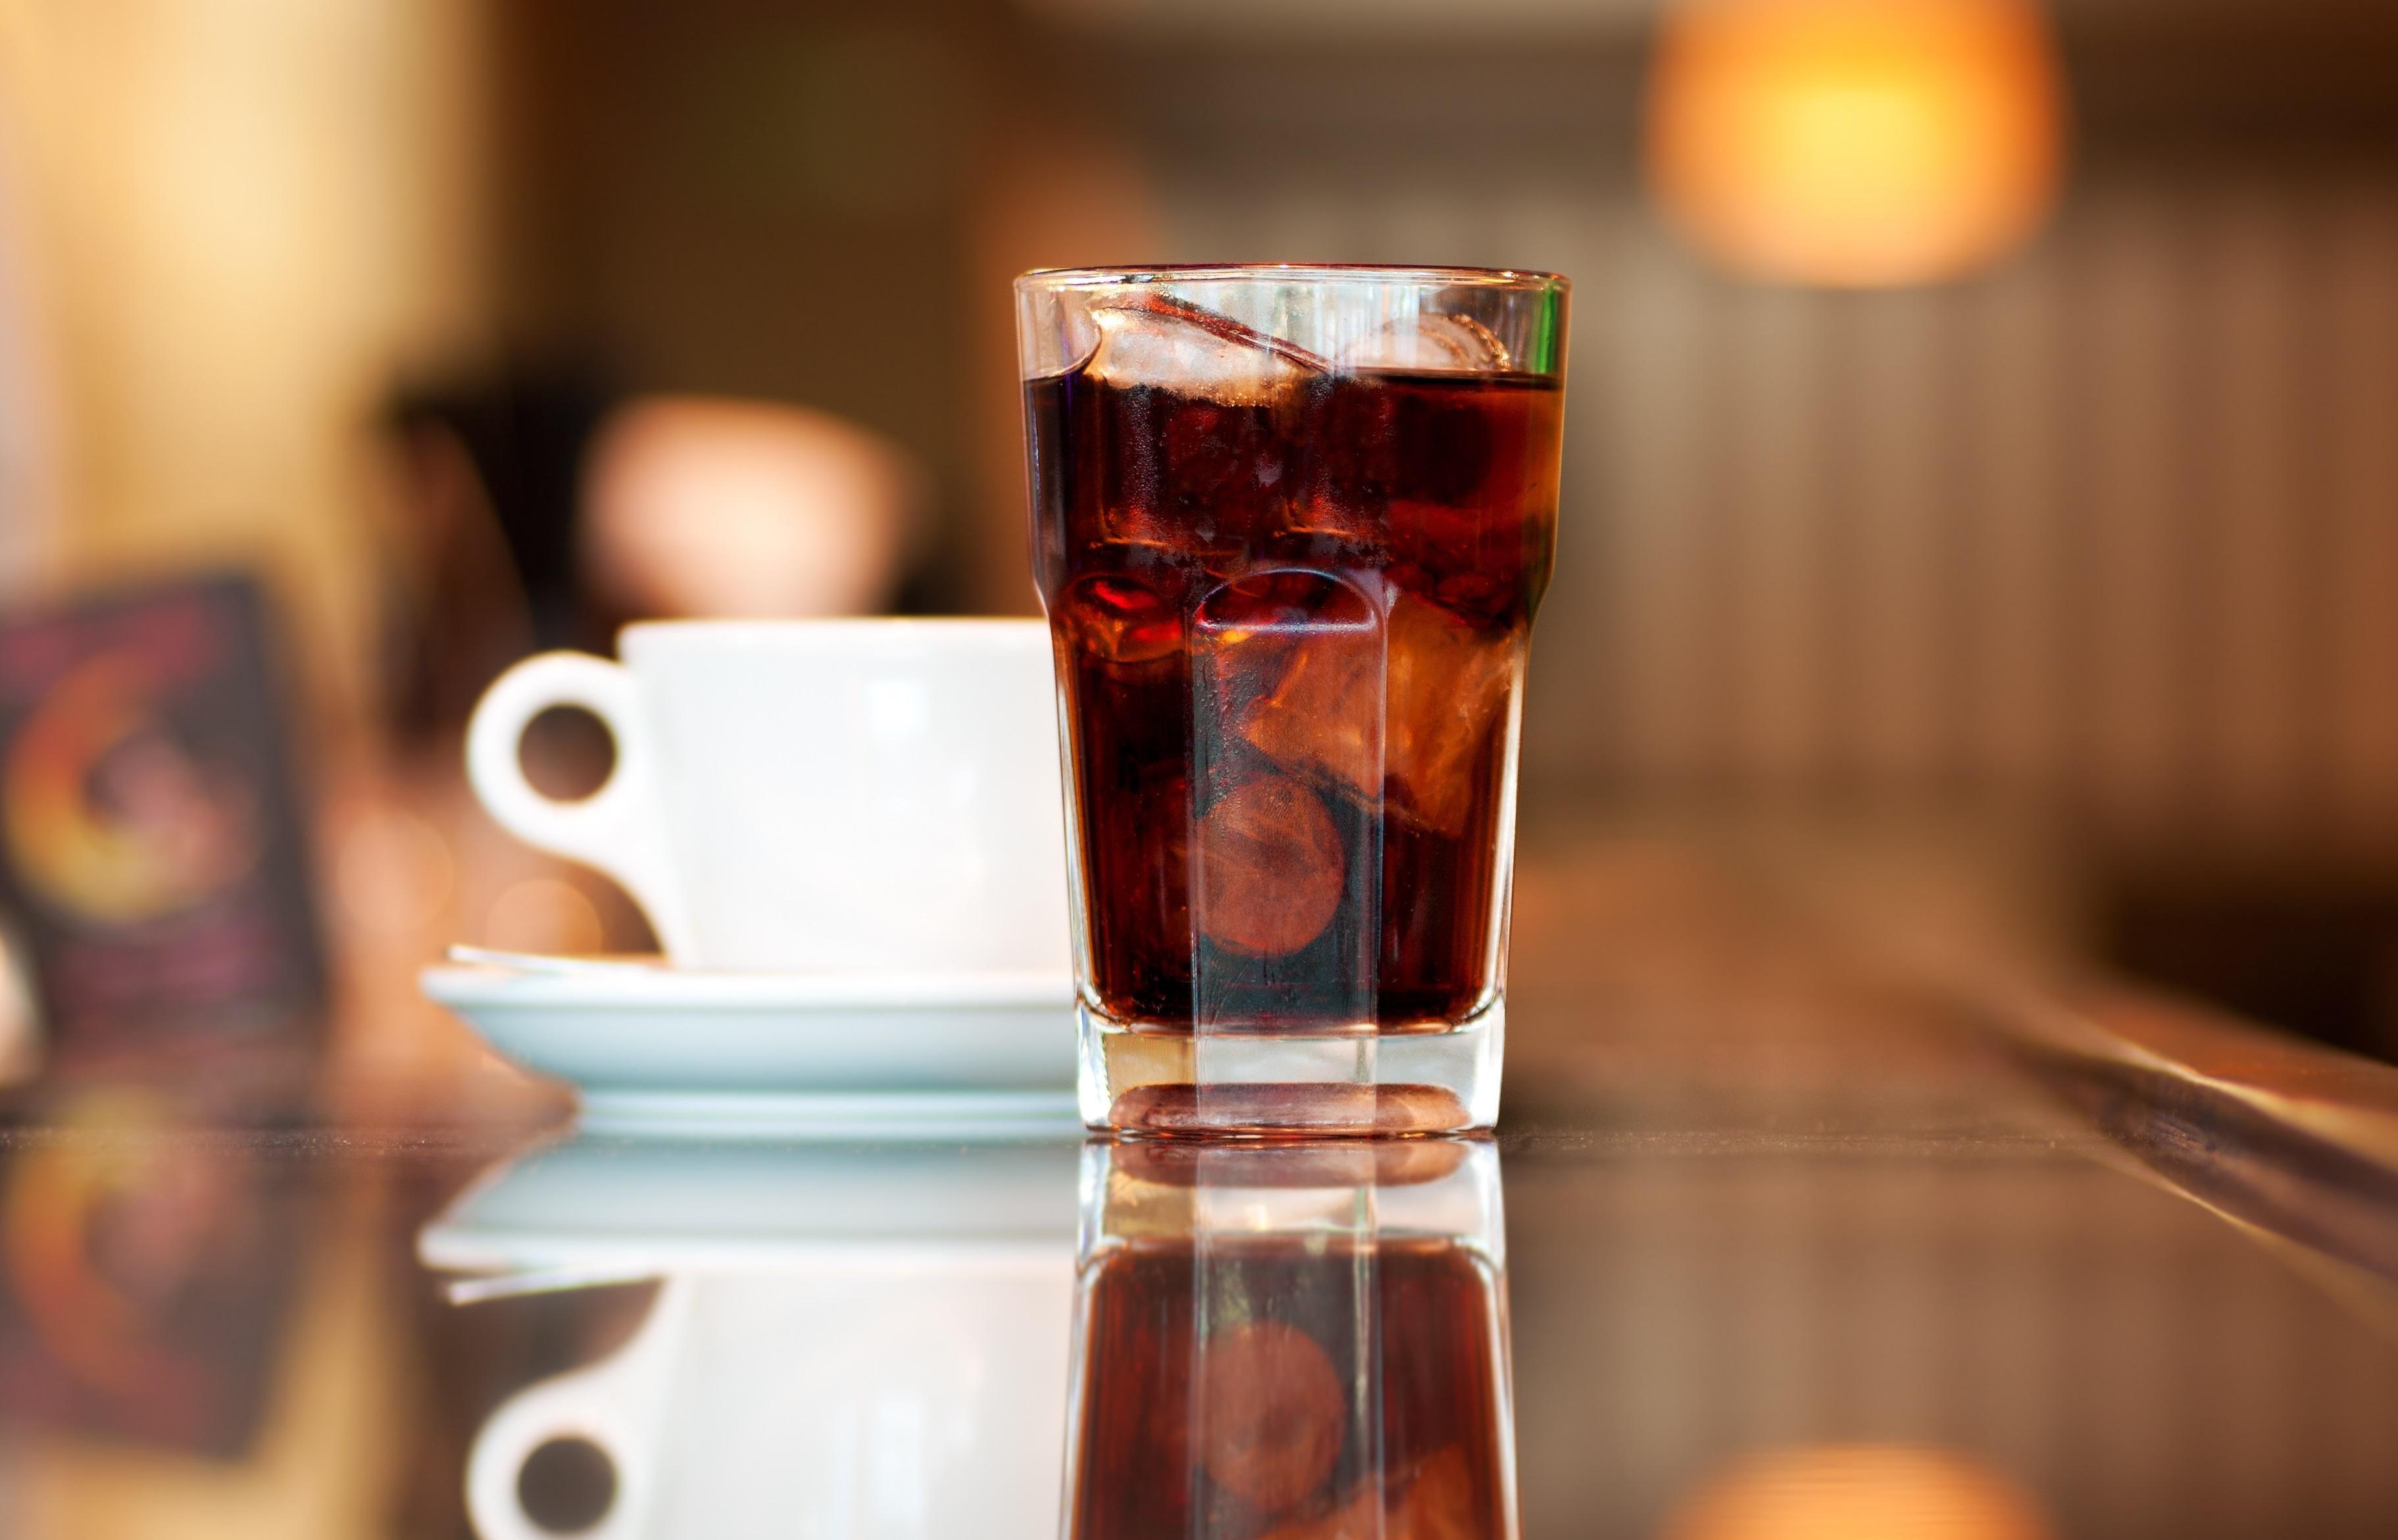 Do Sodas Lower Diabetes Risk?